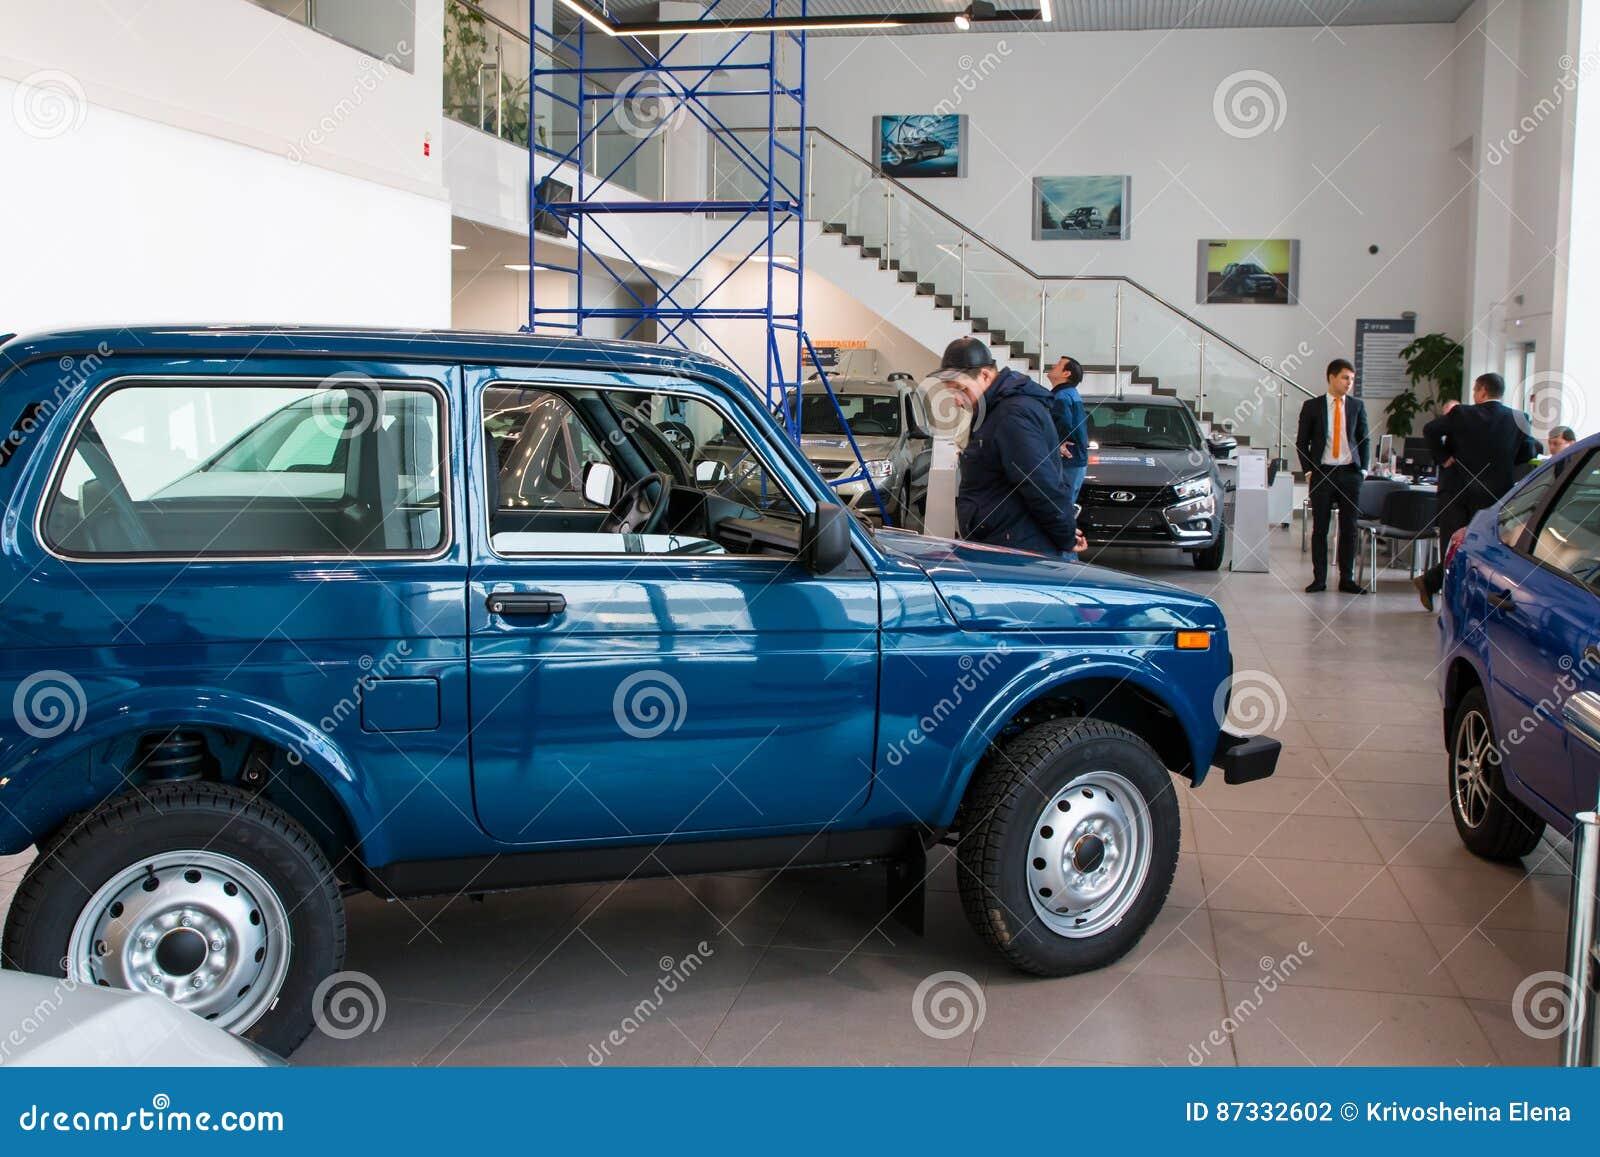 AvtoVAZ is preparing an update for Lada Priora in 2017 73